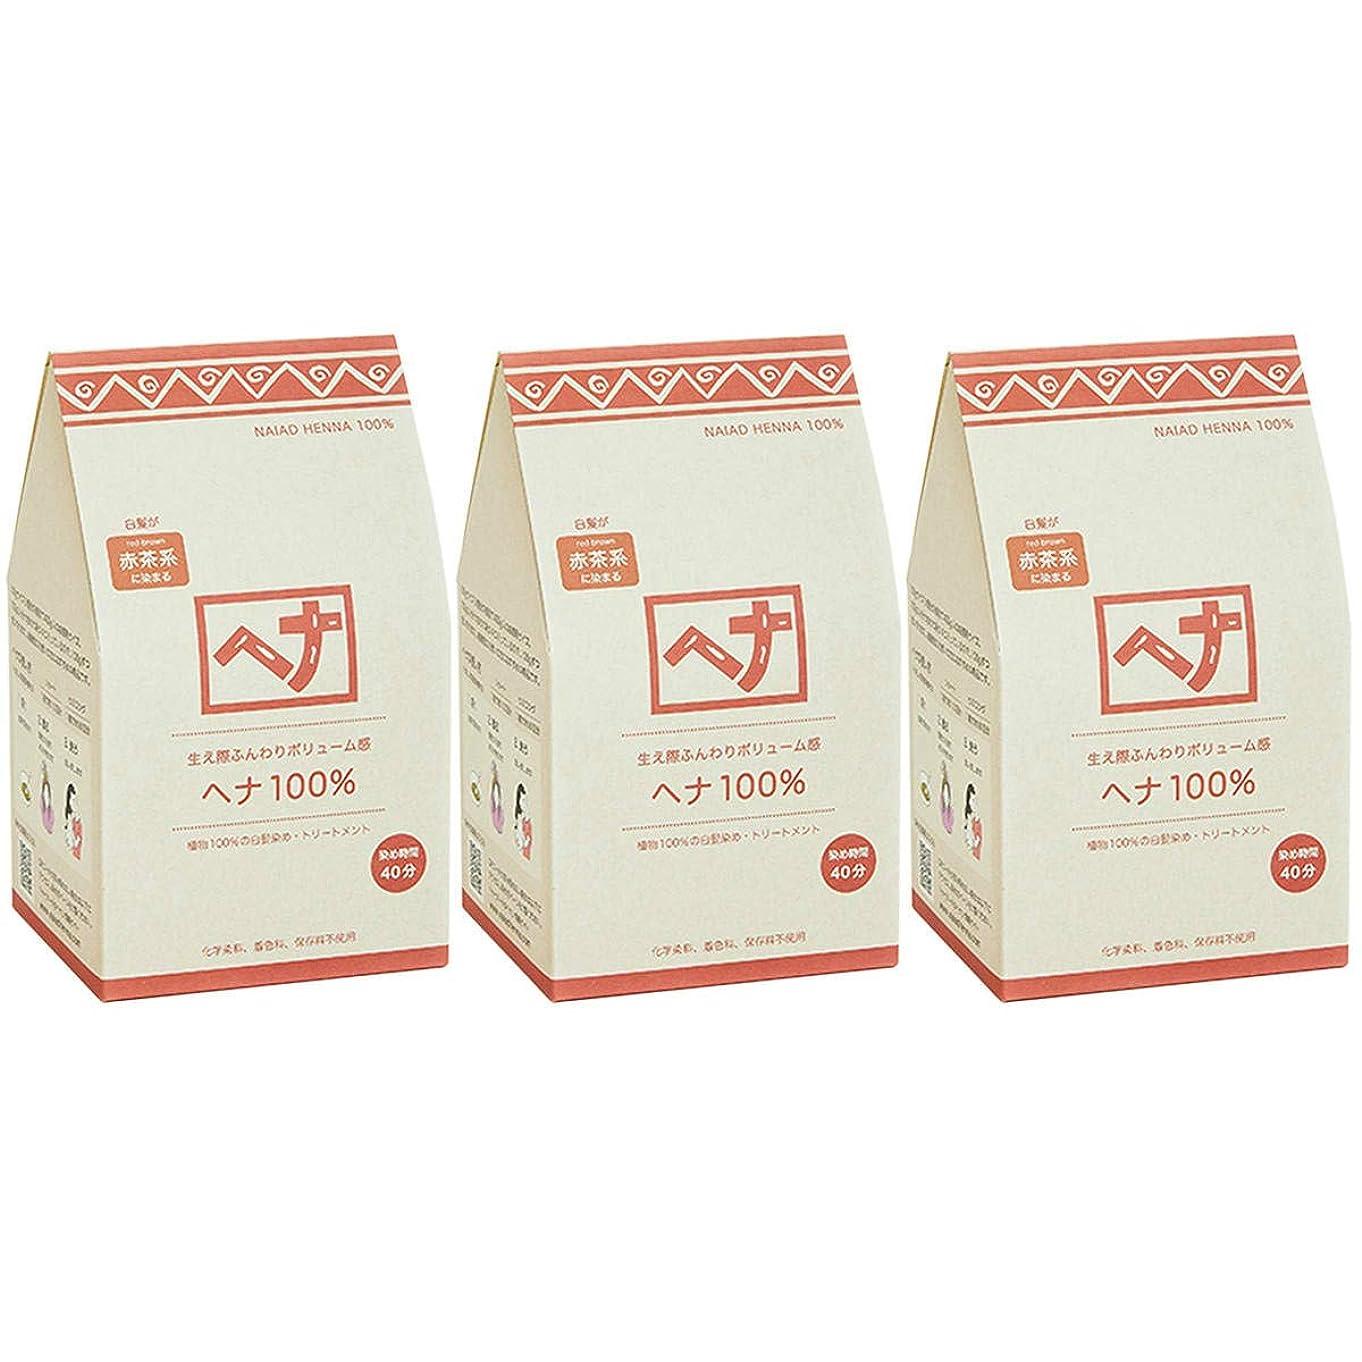 グリーンランドカロリーポンプナイアード ヘナ 100% 赤茶系 生え際ふんわりボリューム感 400g 3個セット